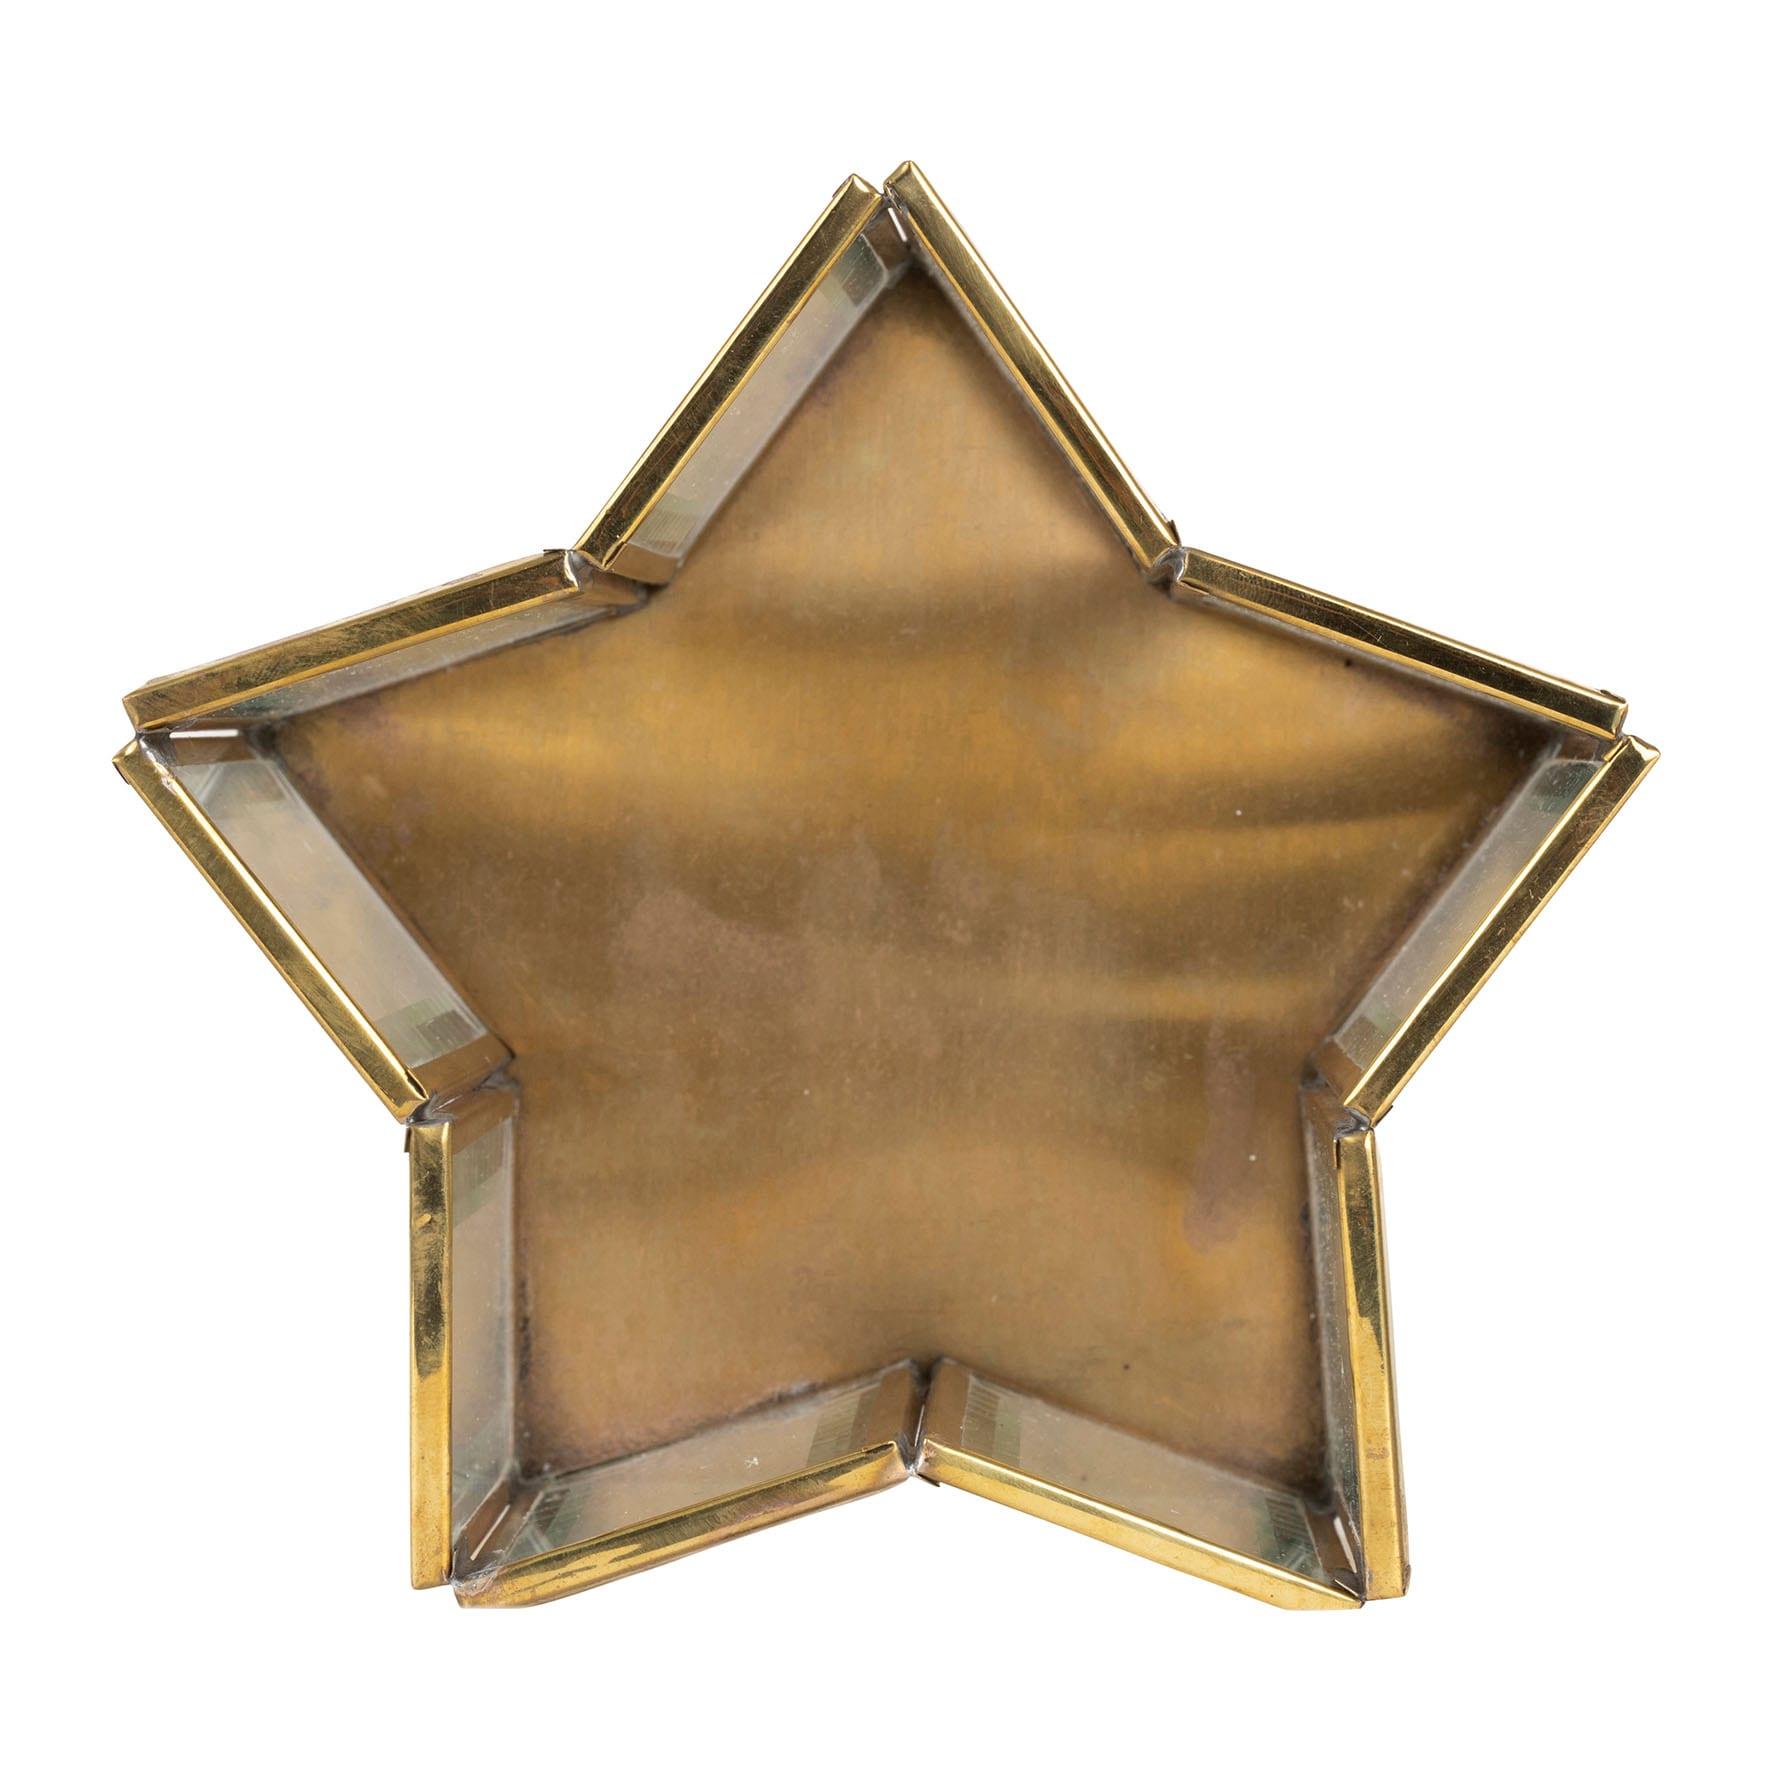 Porta candela a forma di stella – Bordo dorato